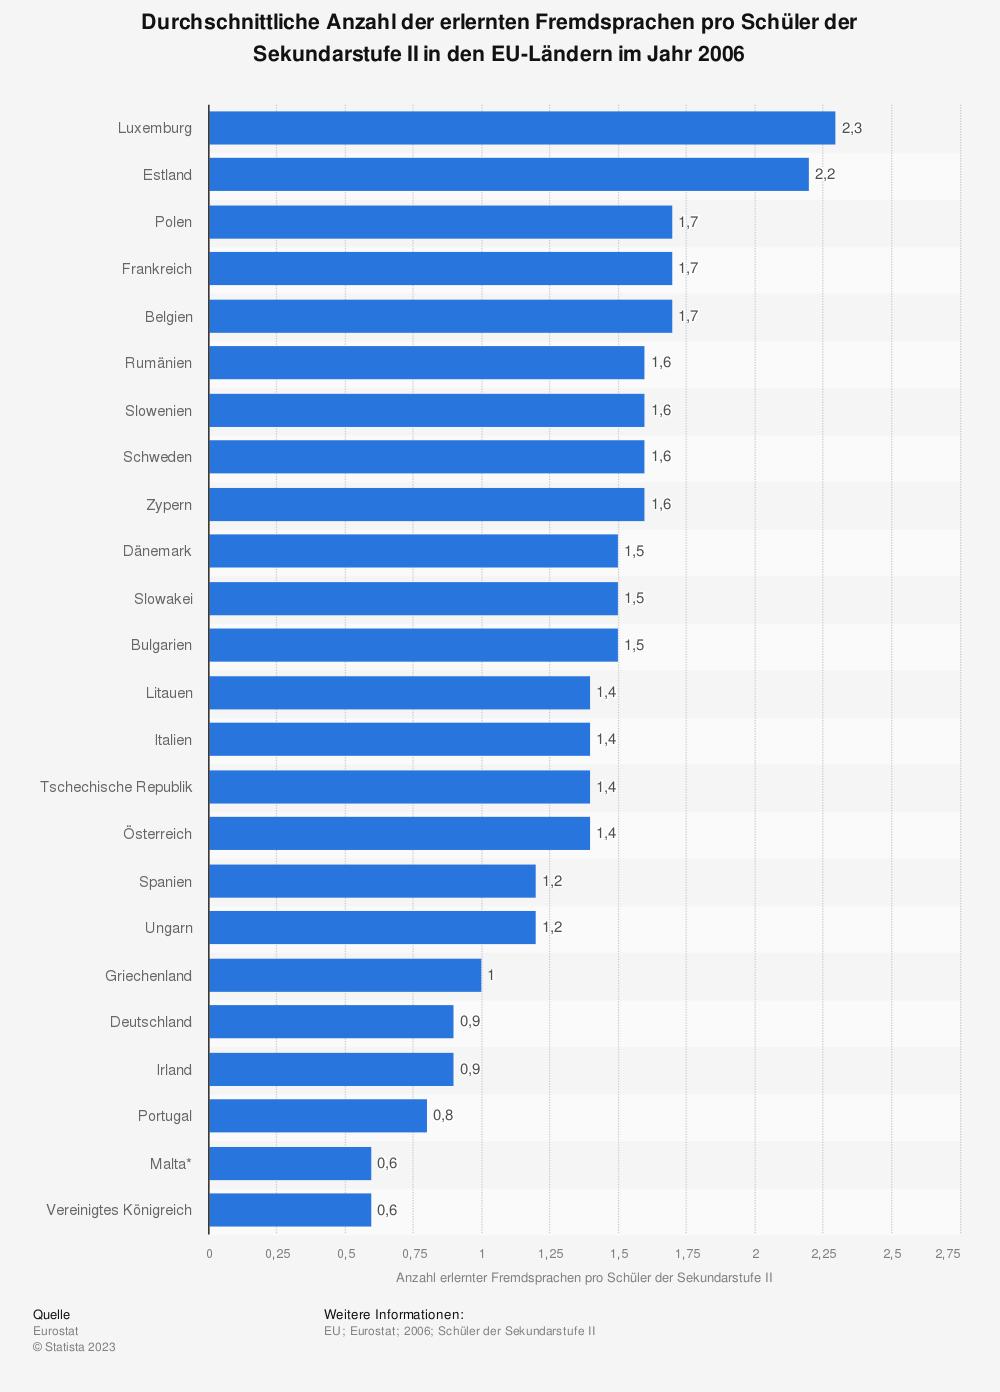 Statistik: Durchschnittliche Anzahl der erlernten Fremdsprachen pro Schüler der Sekundarstufe II in den EU-Ländern im Jahr 2006 | Statista